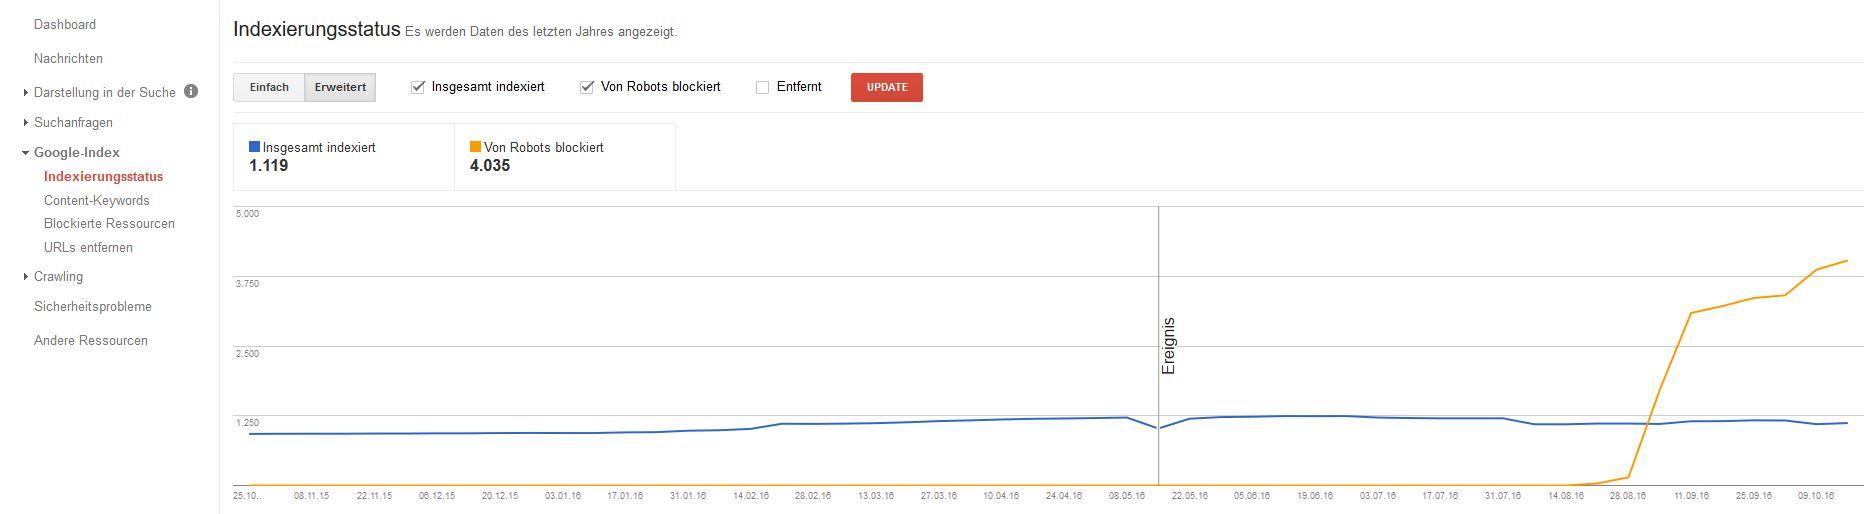 google-search-console-indexierungsstatus-erweitert